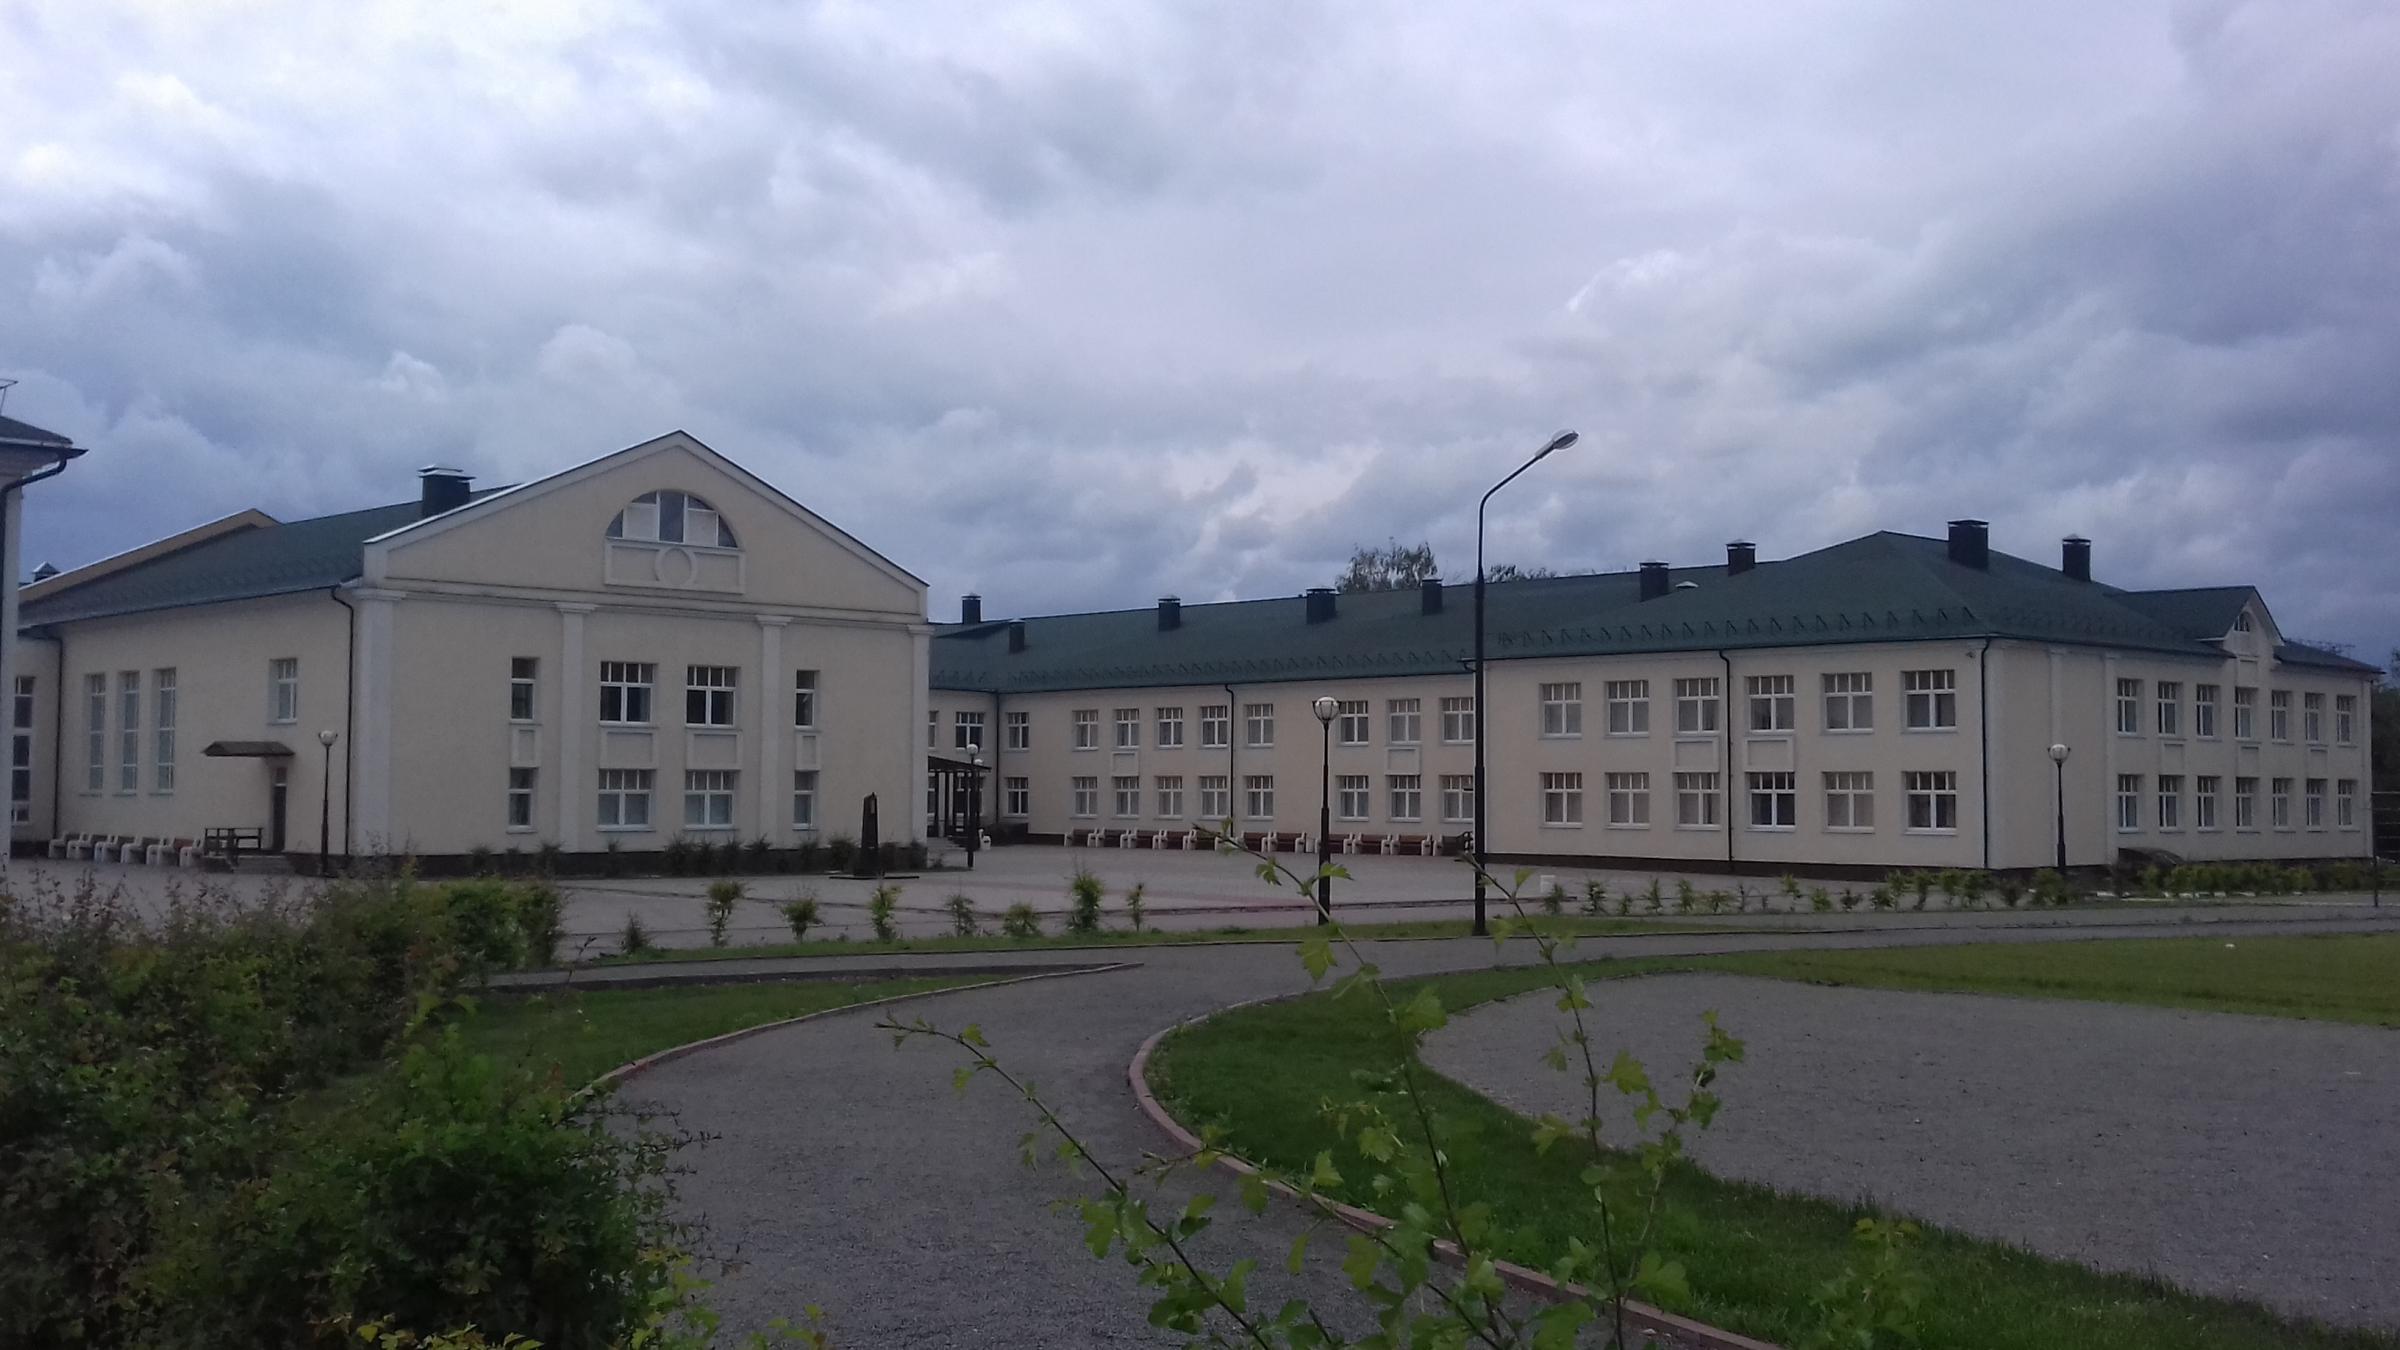 Остафьевская школа (ГБОУ СОШ № 2080). Июнь 2016.